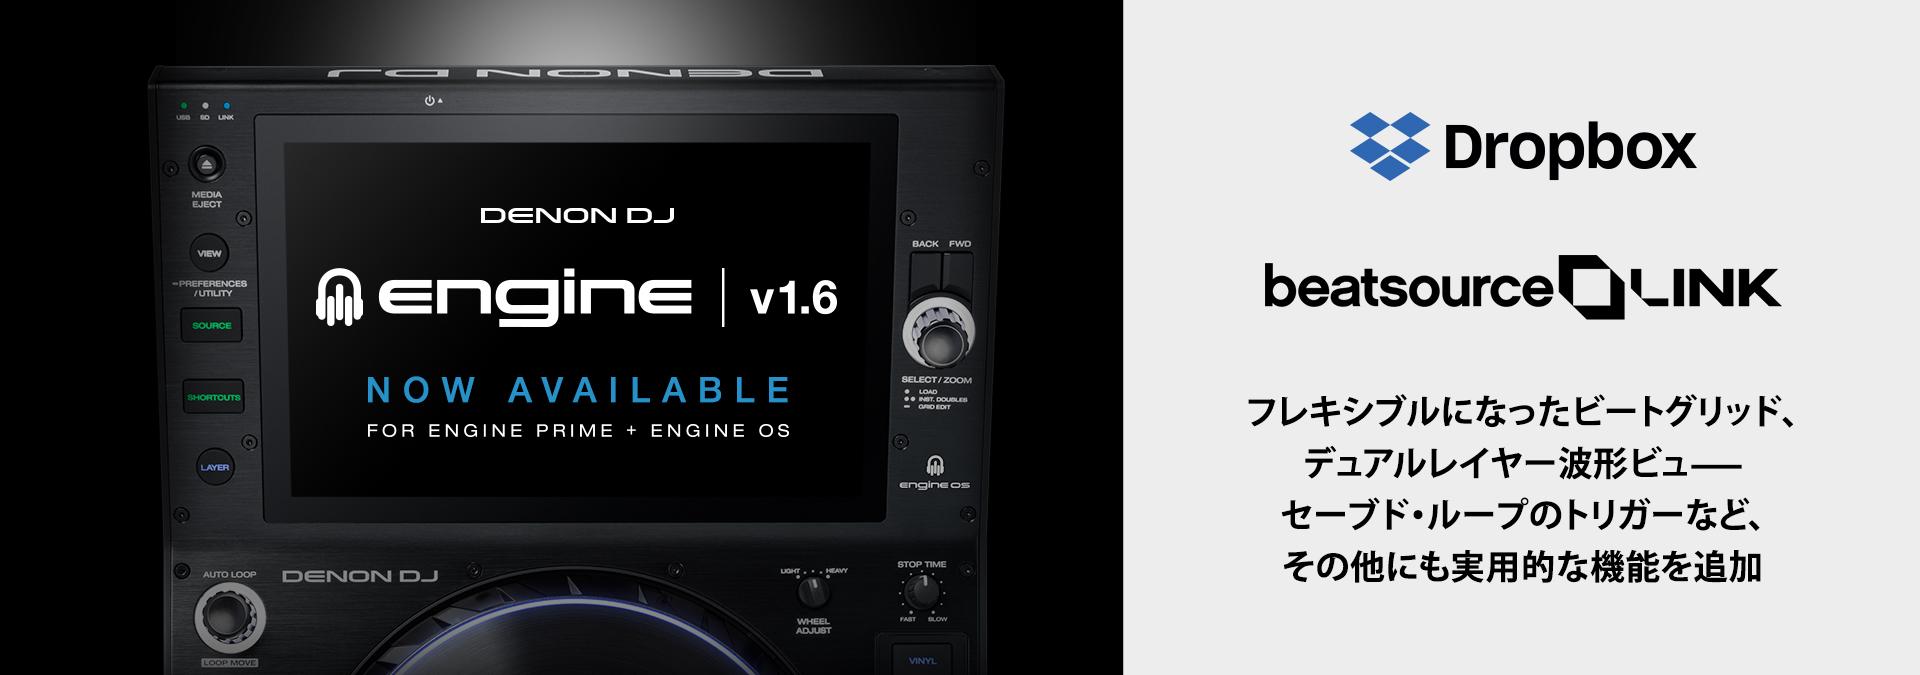 Engine v1.6